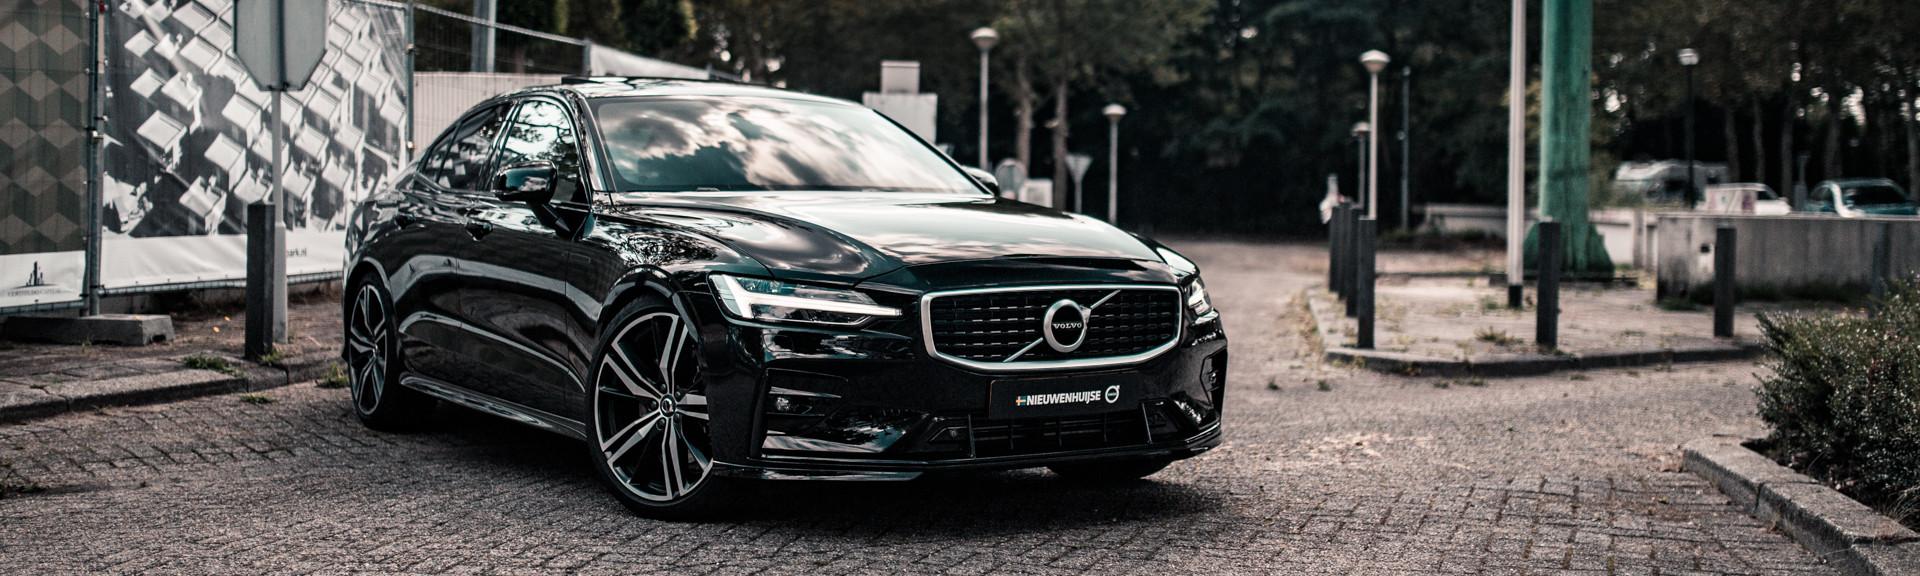 Lease en financiering Volvo Nieuwenhuijse